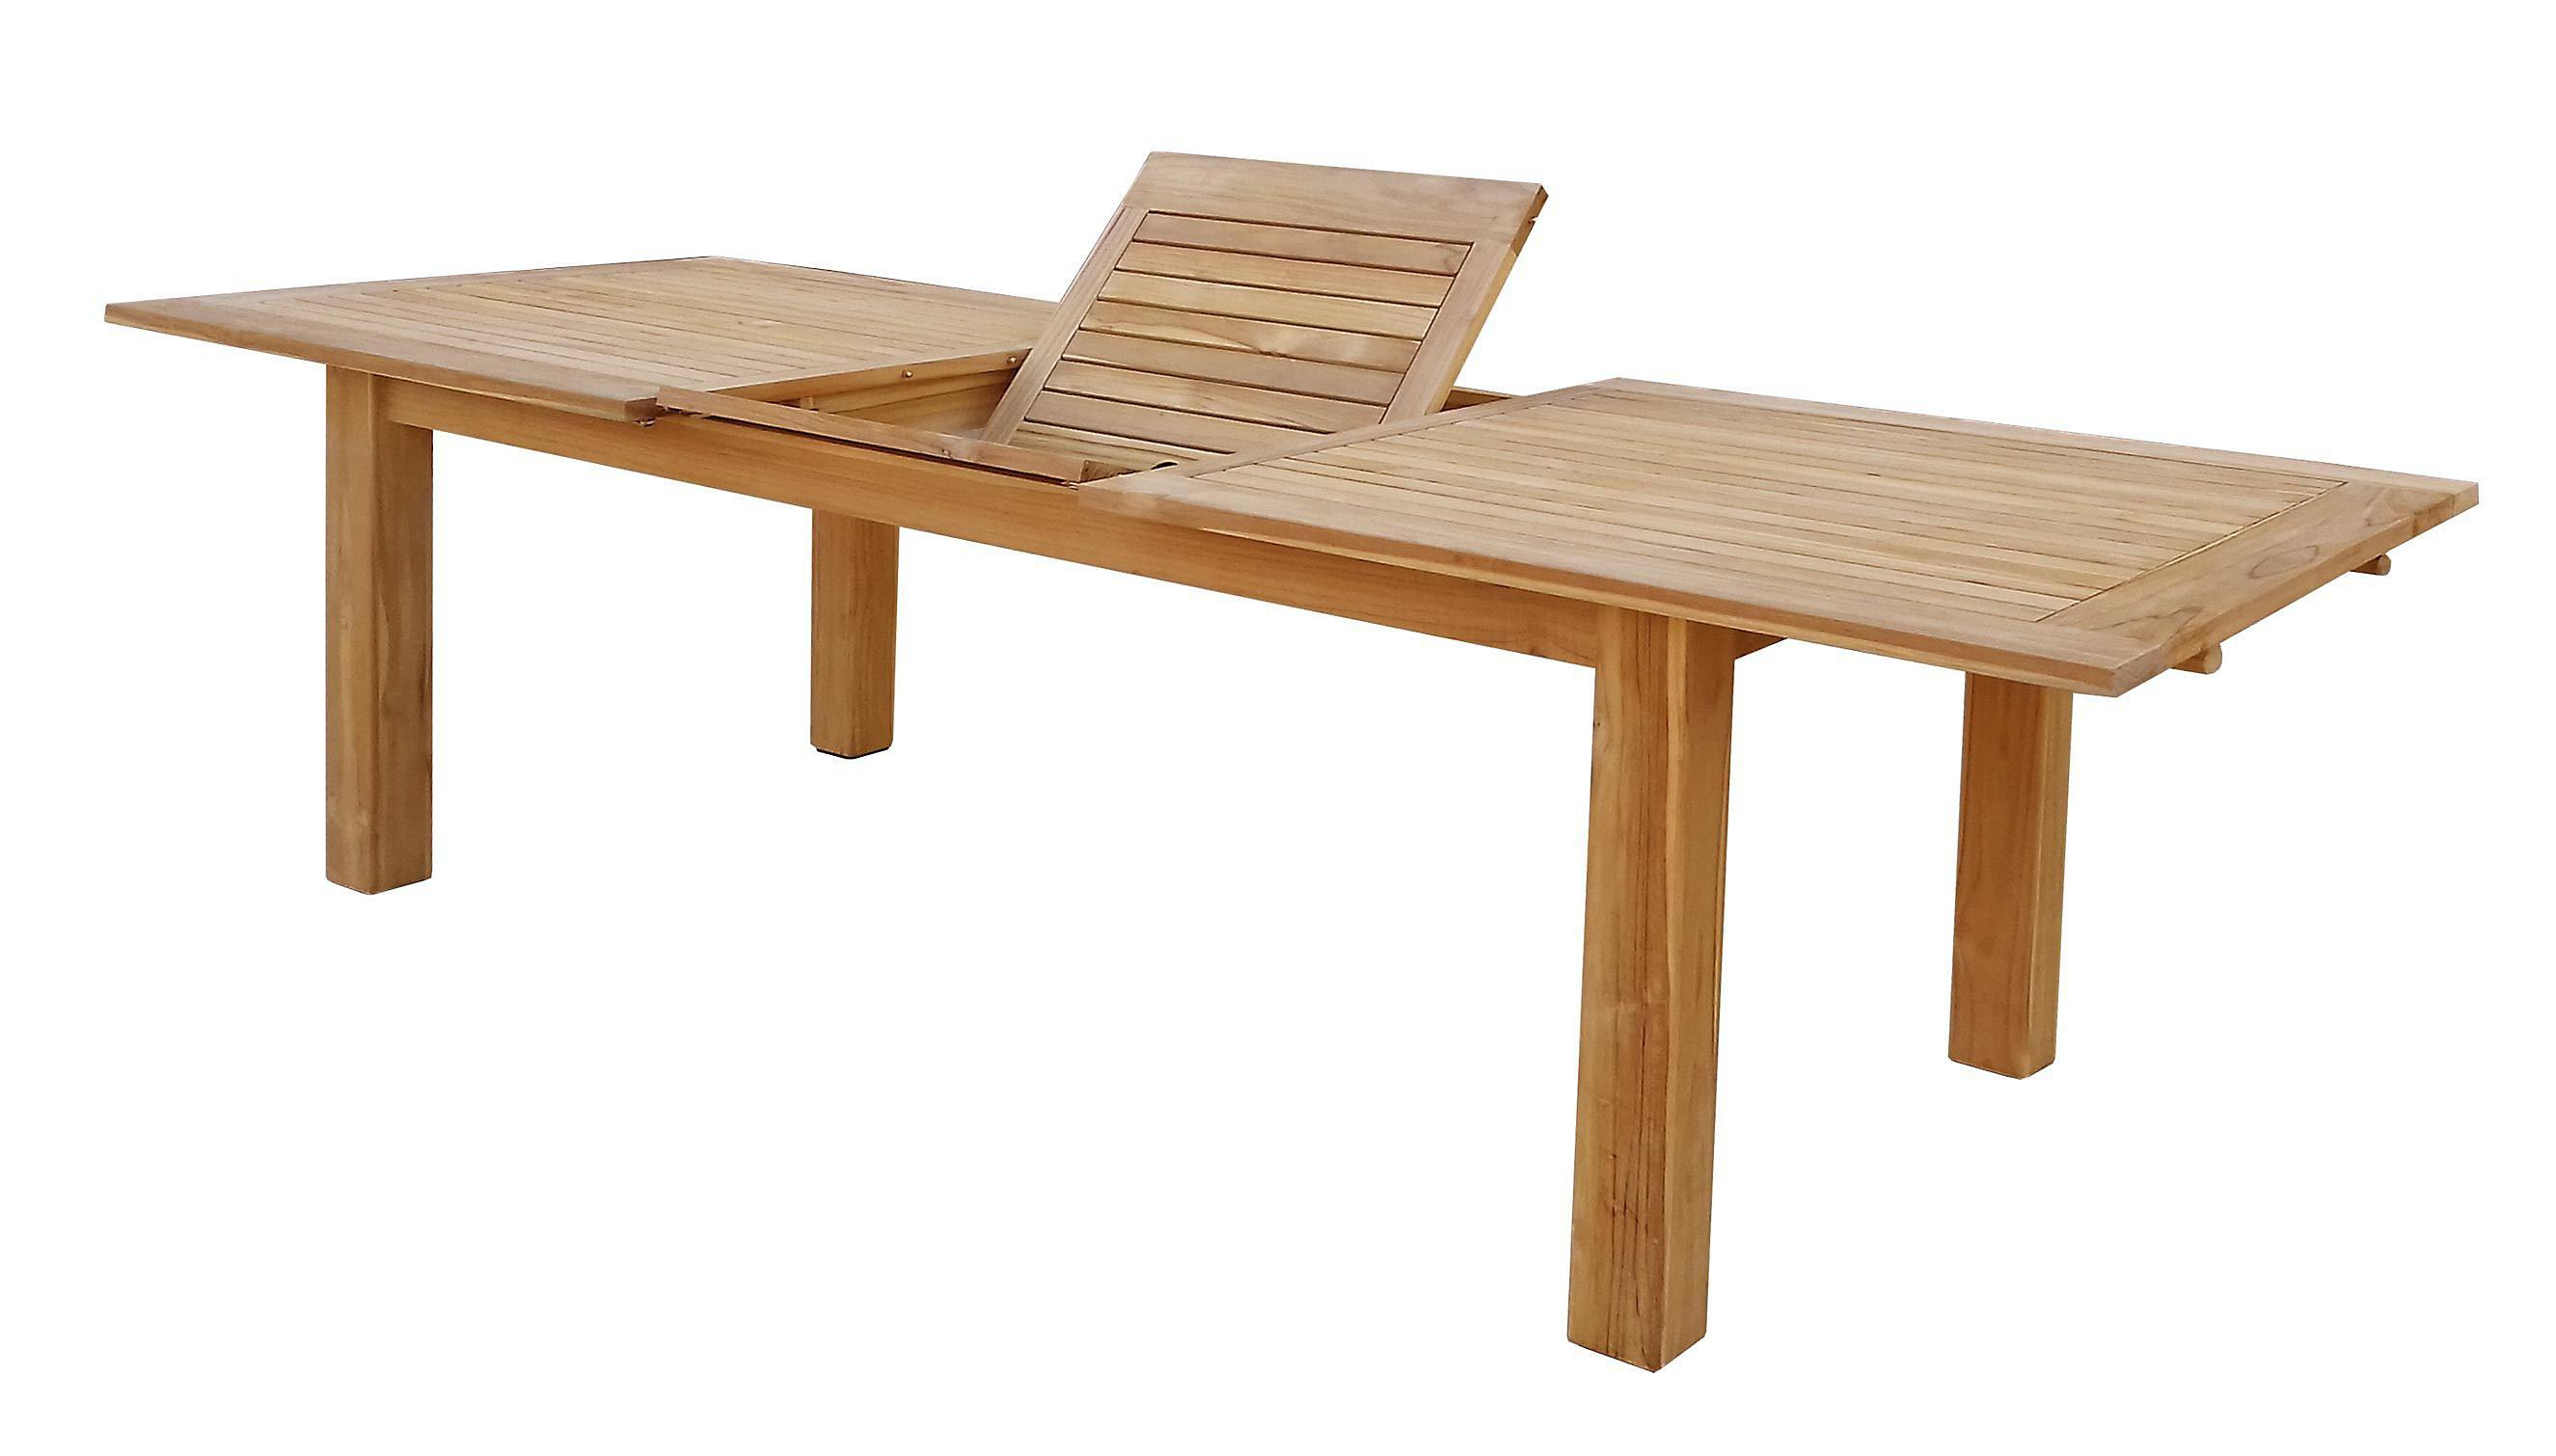 Grasekamp Teak Tisch 200 260x100 Cm Ausziehbar Esstisch Gartenmobel